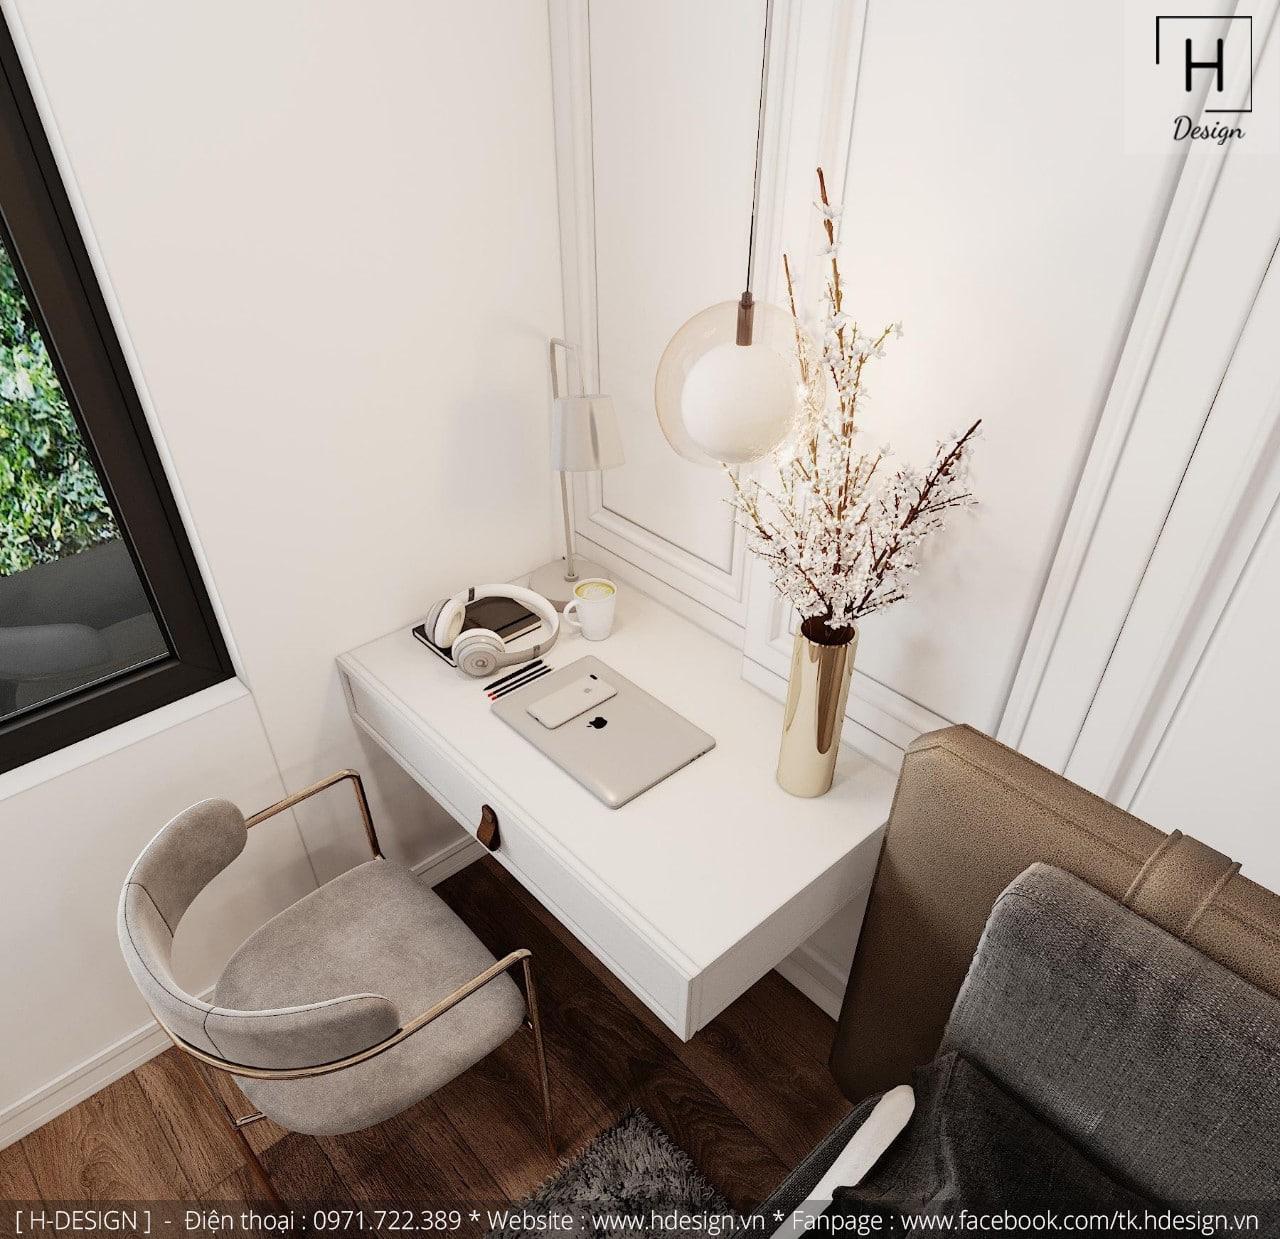 Thiết kế thi công nội thất đẹp cho căn hộ chung cư 86m2 -10